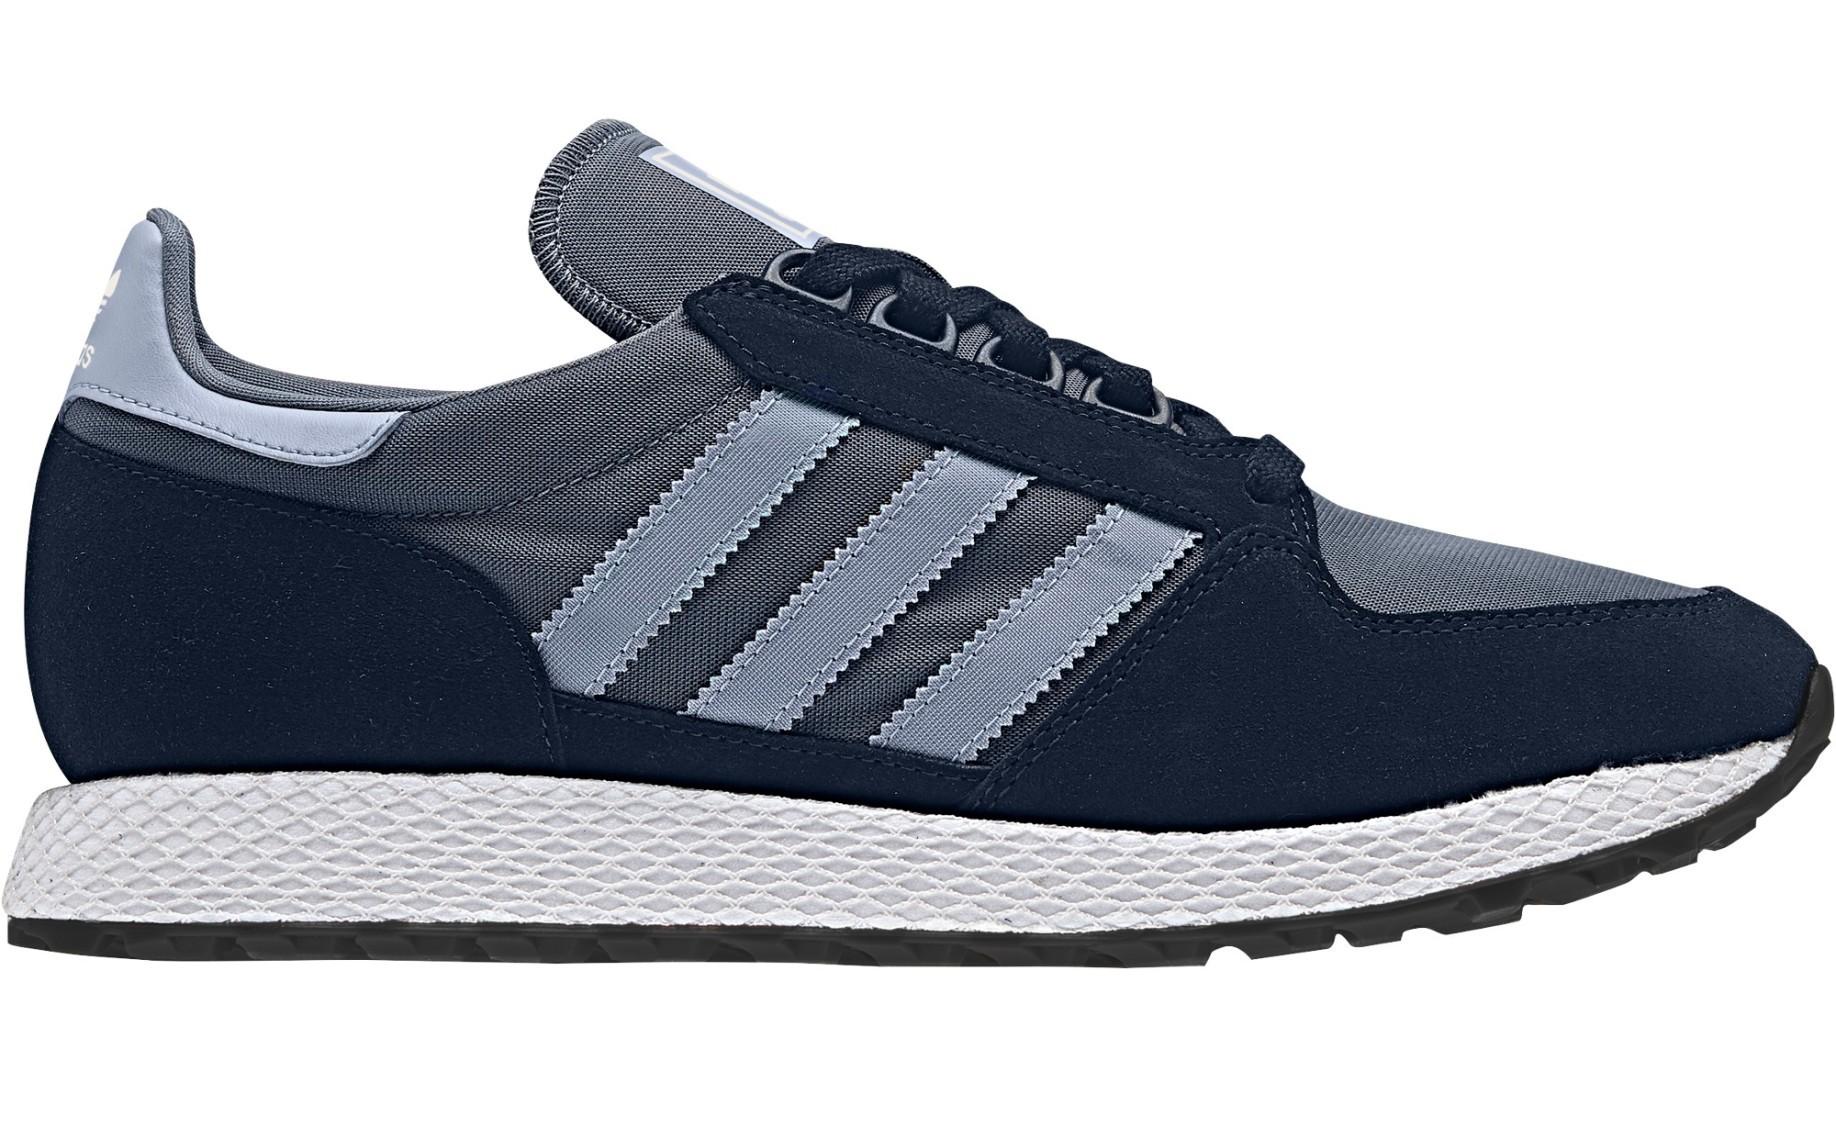 99286b8cd6dd Mens Shoes Forest Grove colore Blue Blue - Adidas Originals - SportIT.com